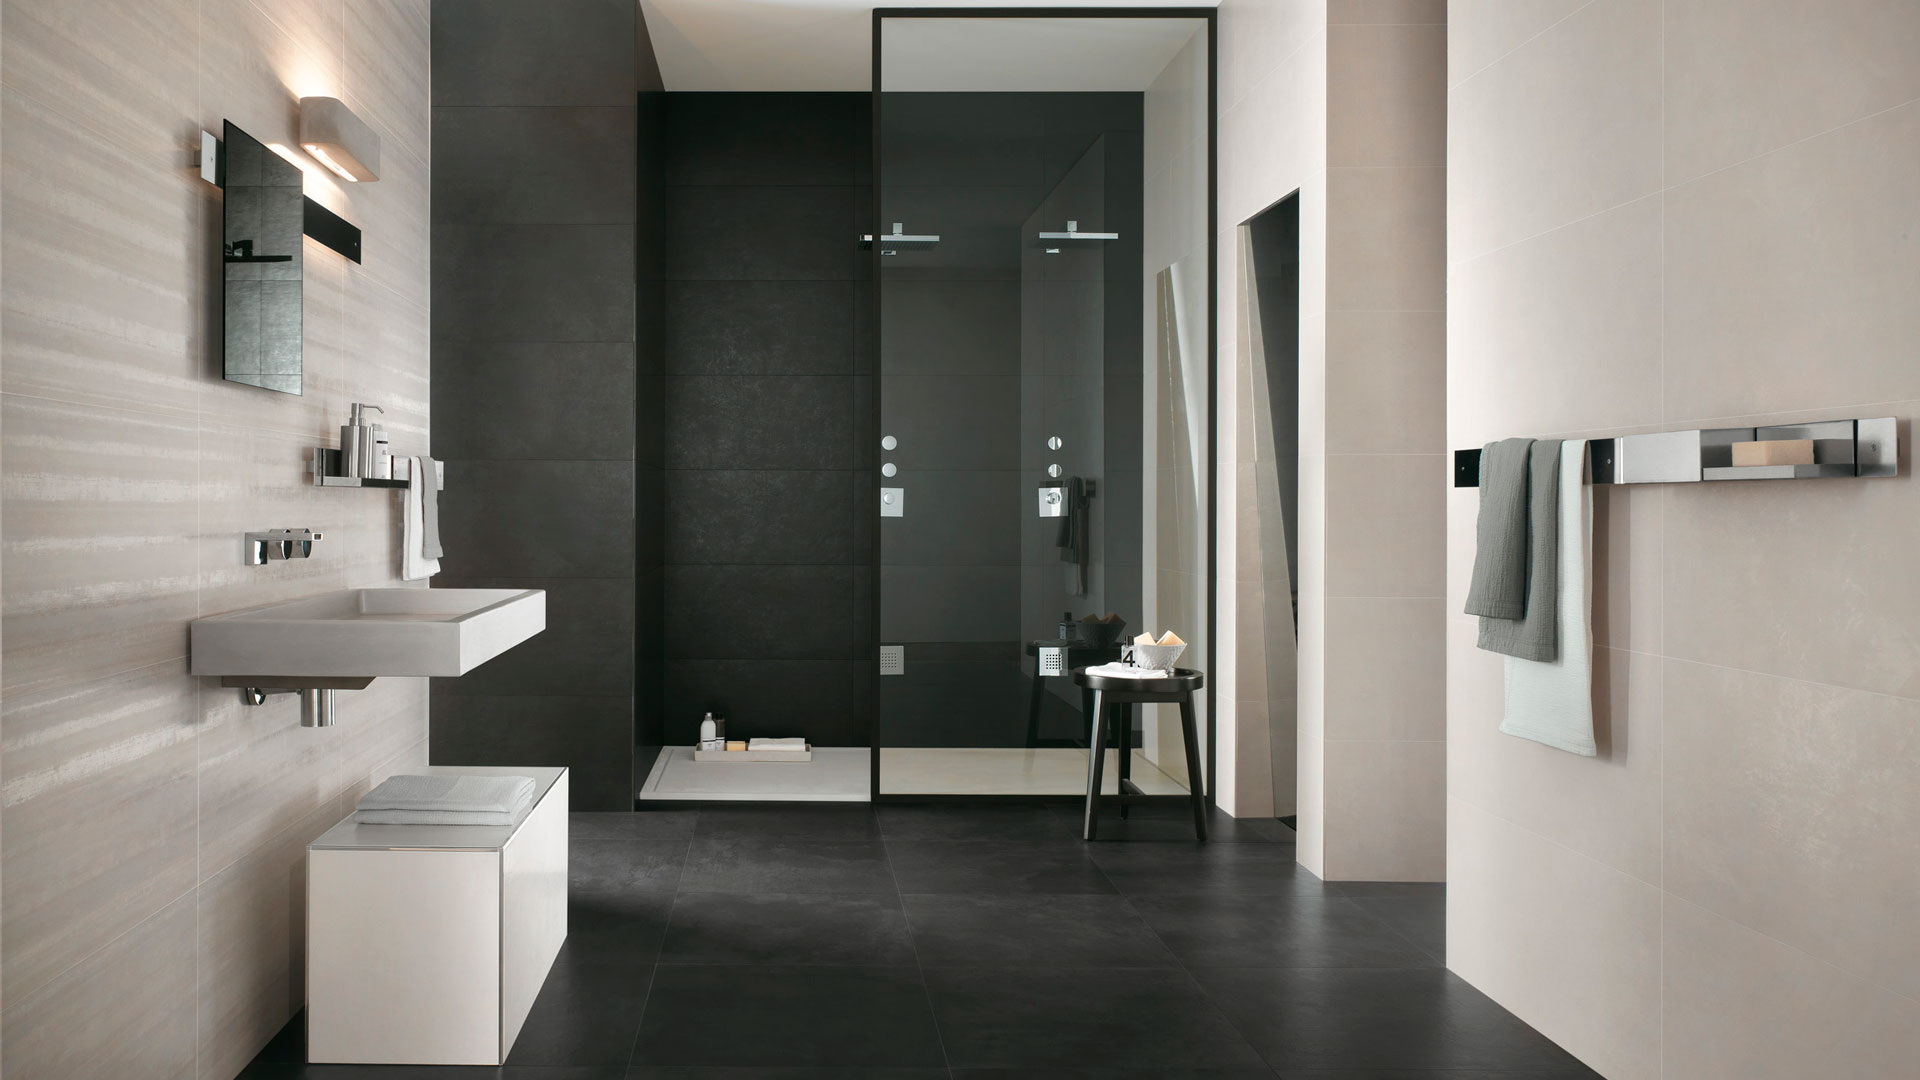 Atlas concorde bagno trendy atlas concorde bagno con doccia xl sito termoclima with atlas - Cirelli arredo bagno ...